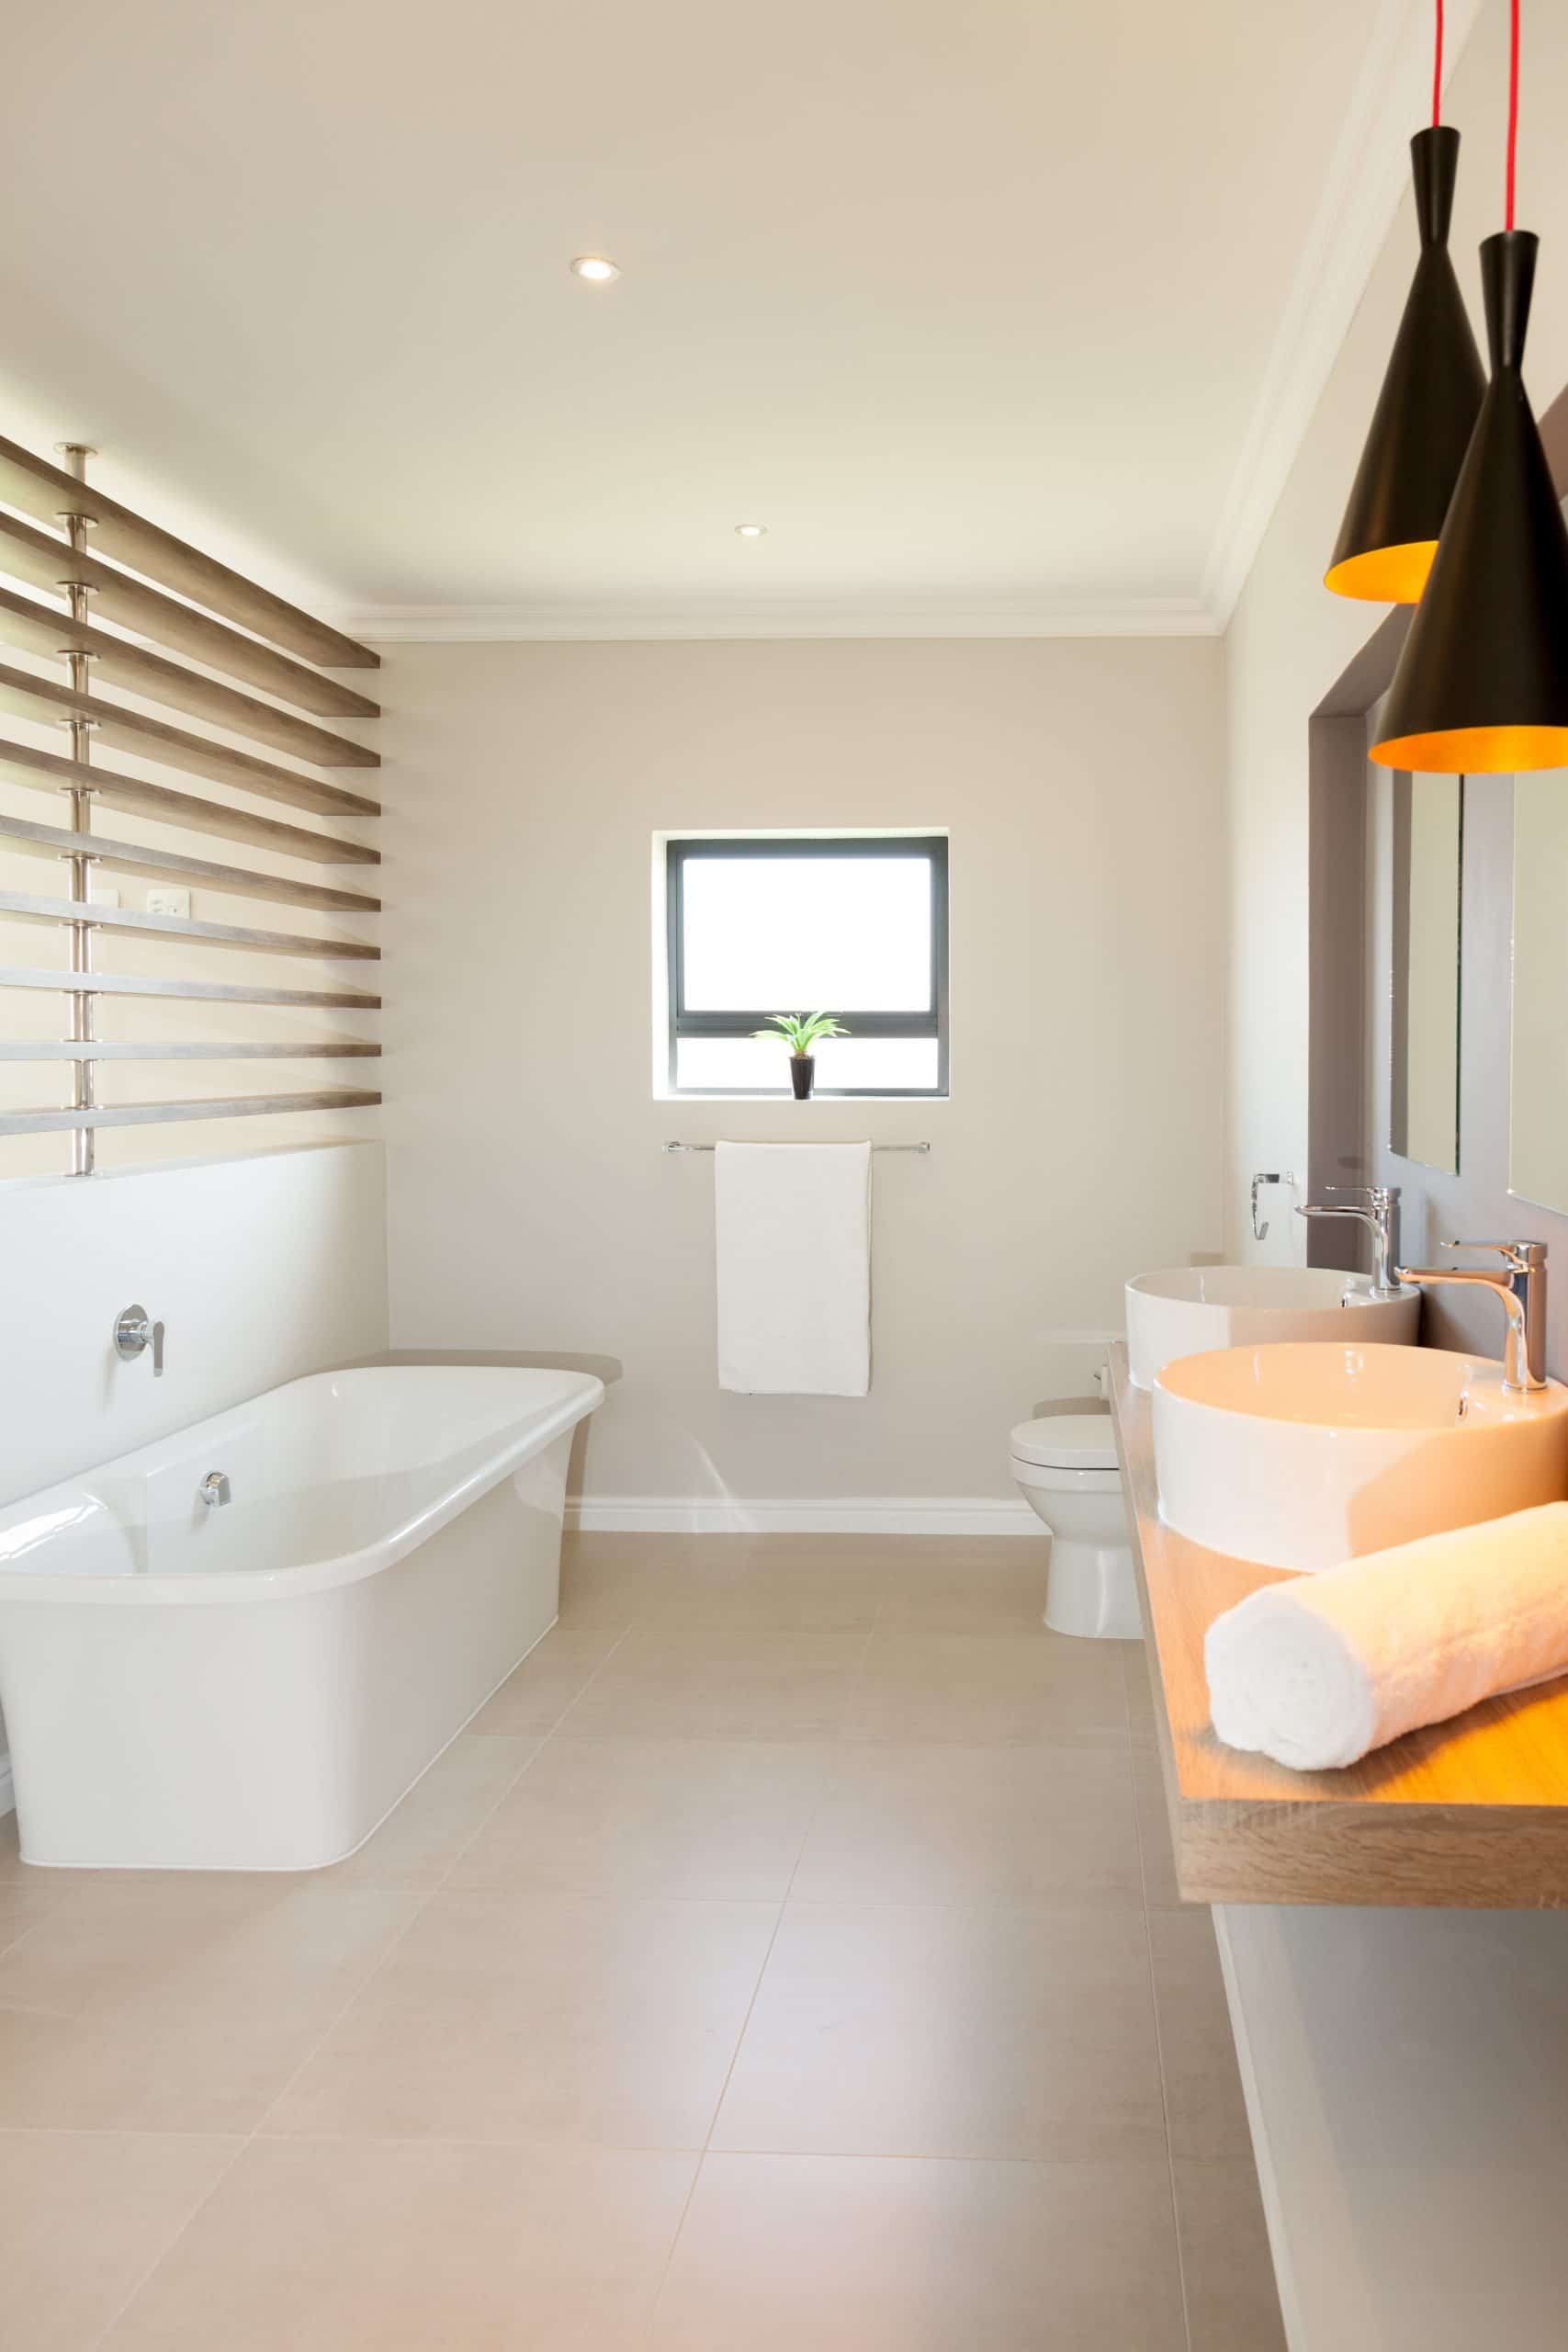 modern freestanding bath in tiled floor